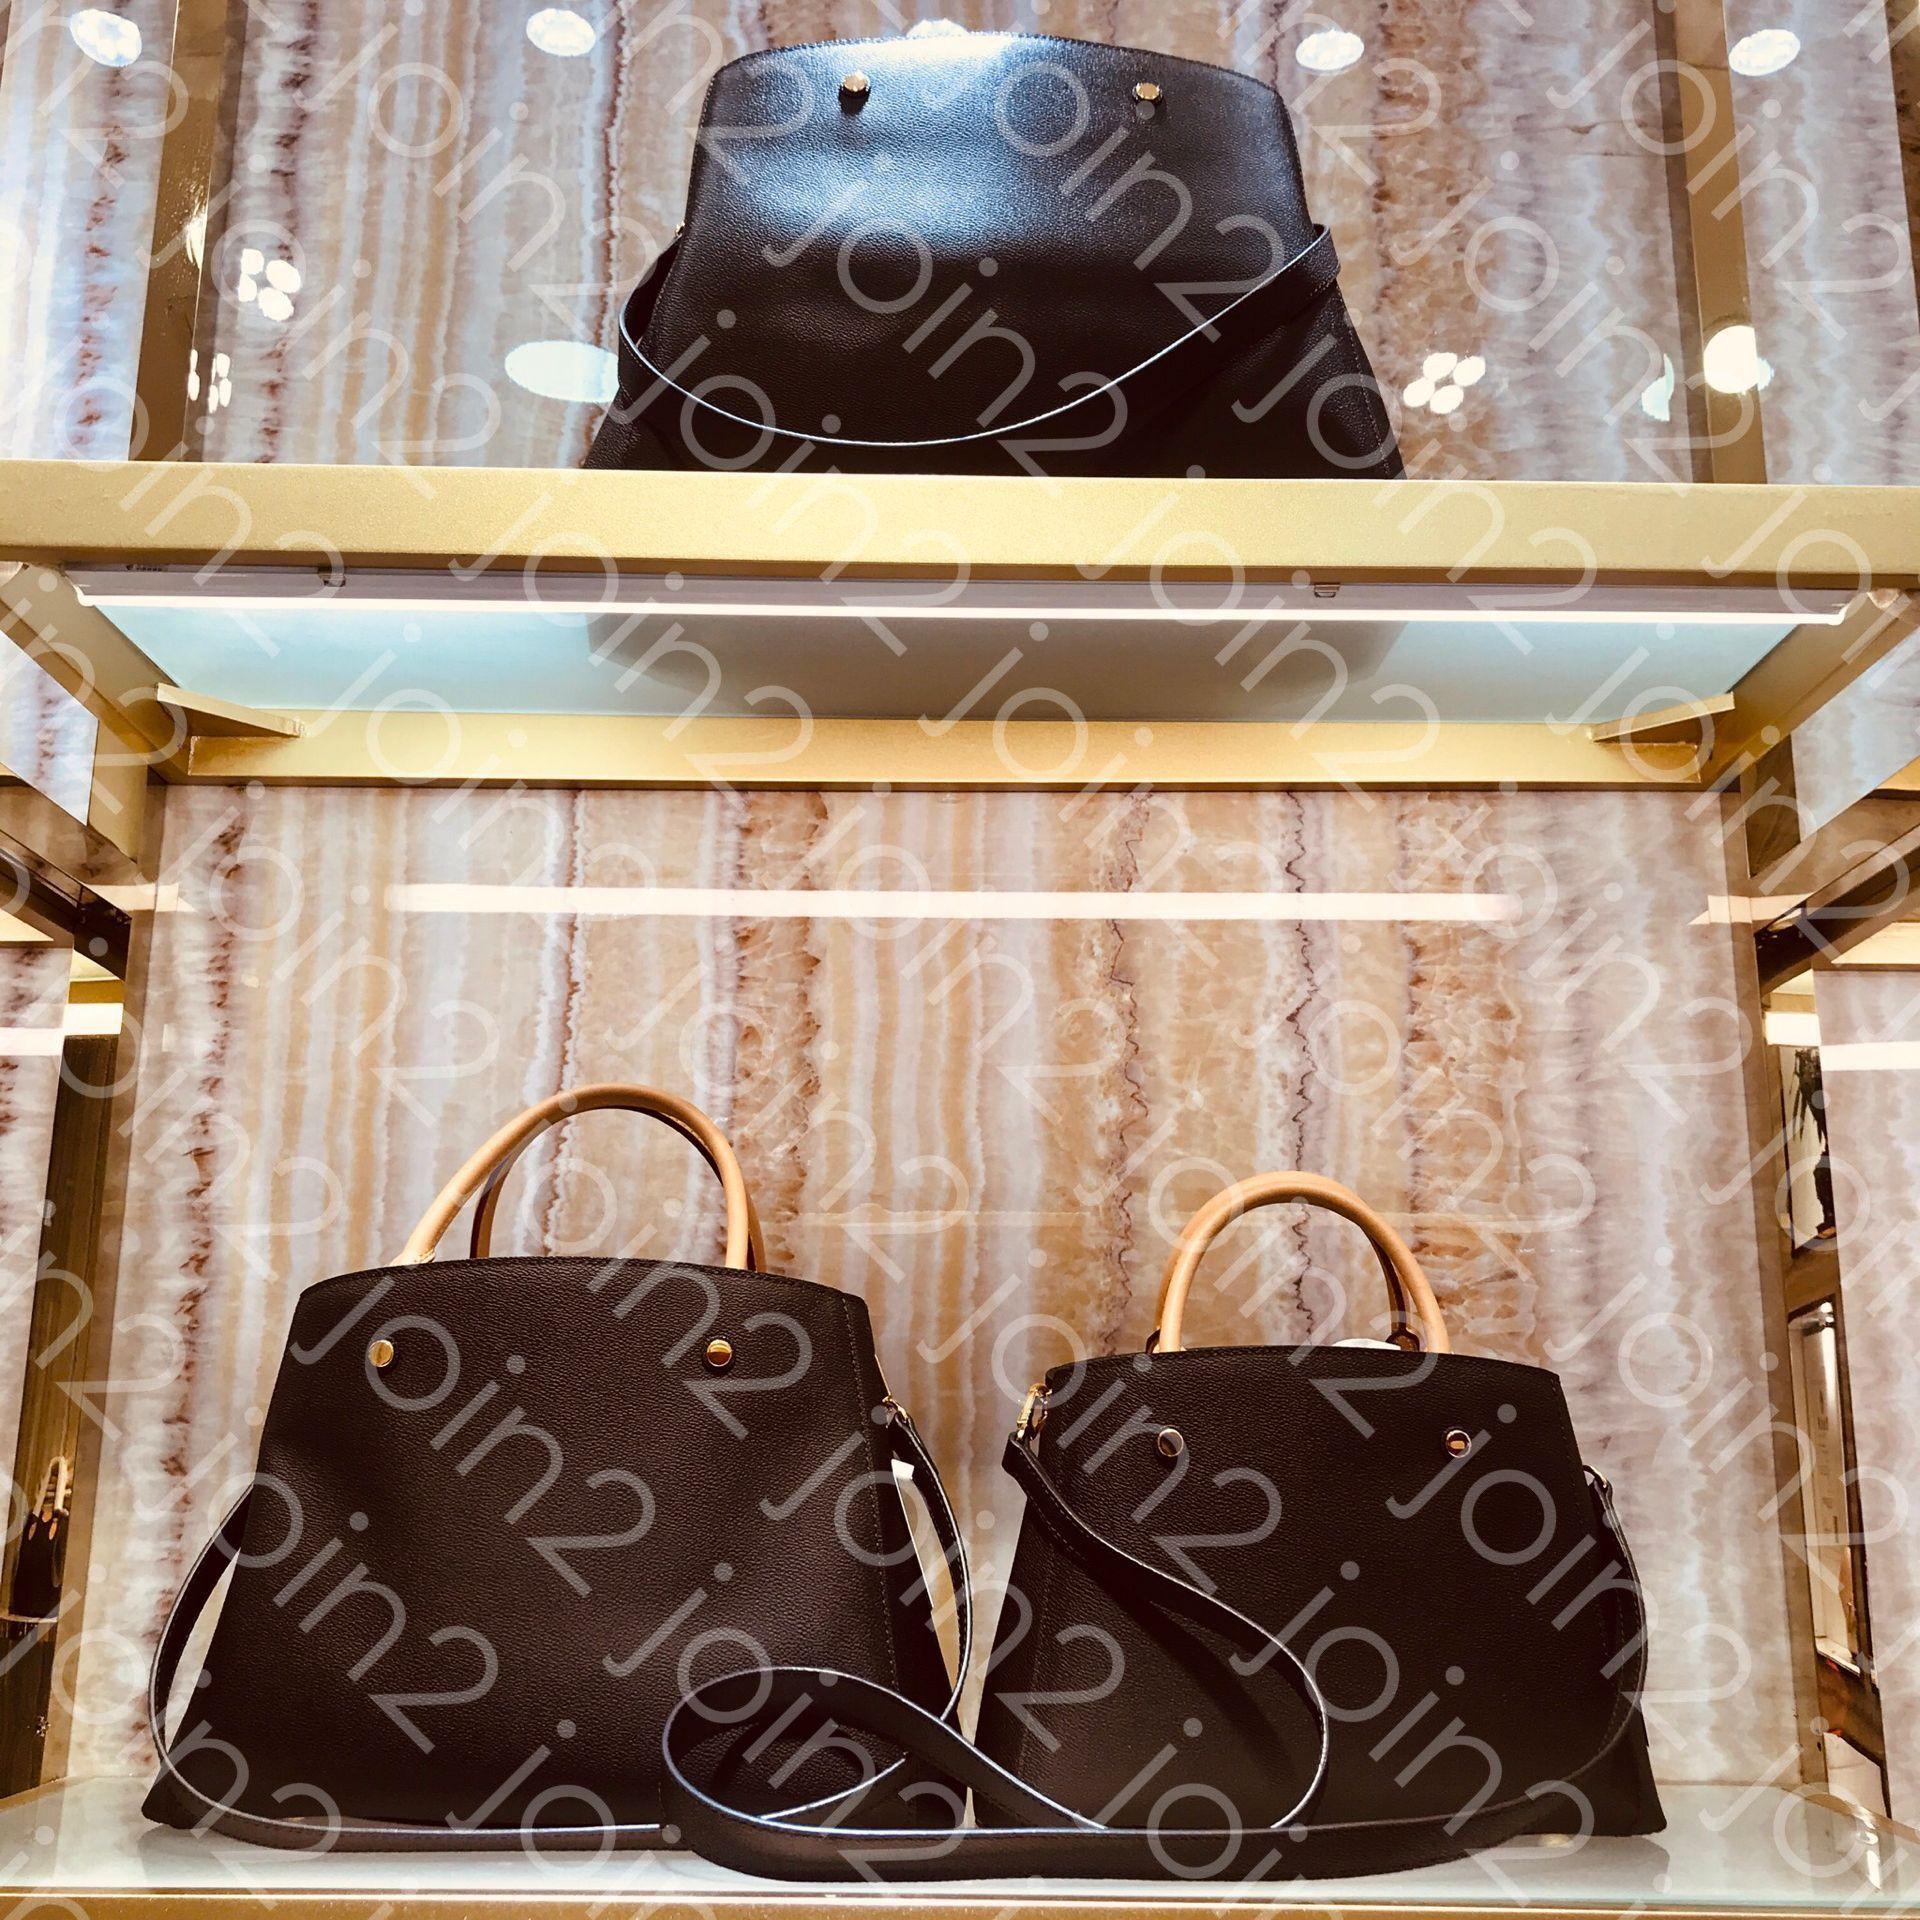 SAC MONTAIGNE GM MM MM BB Fashion Womens Business Tote Borsa Borsa a tracolla Croce Borsa a tracolla Top Maniglia Borsa Iconic Brown Impermeabile Canvas M41056